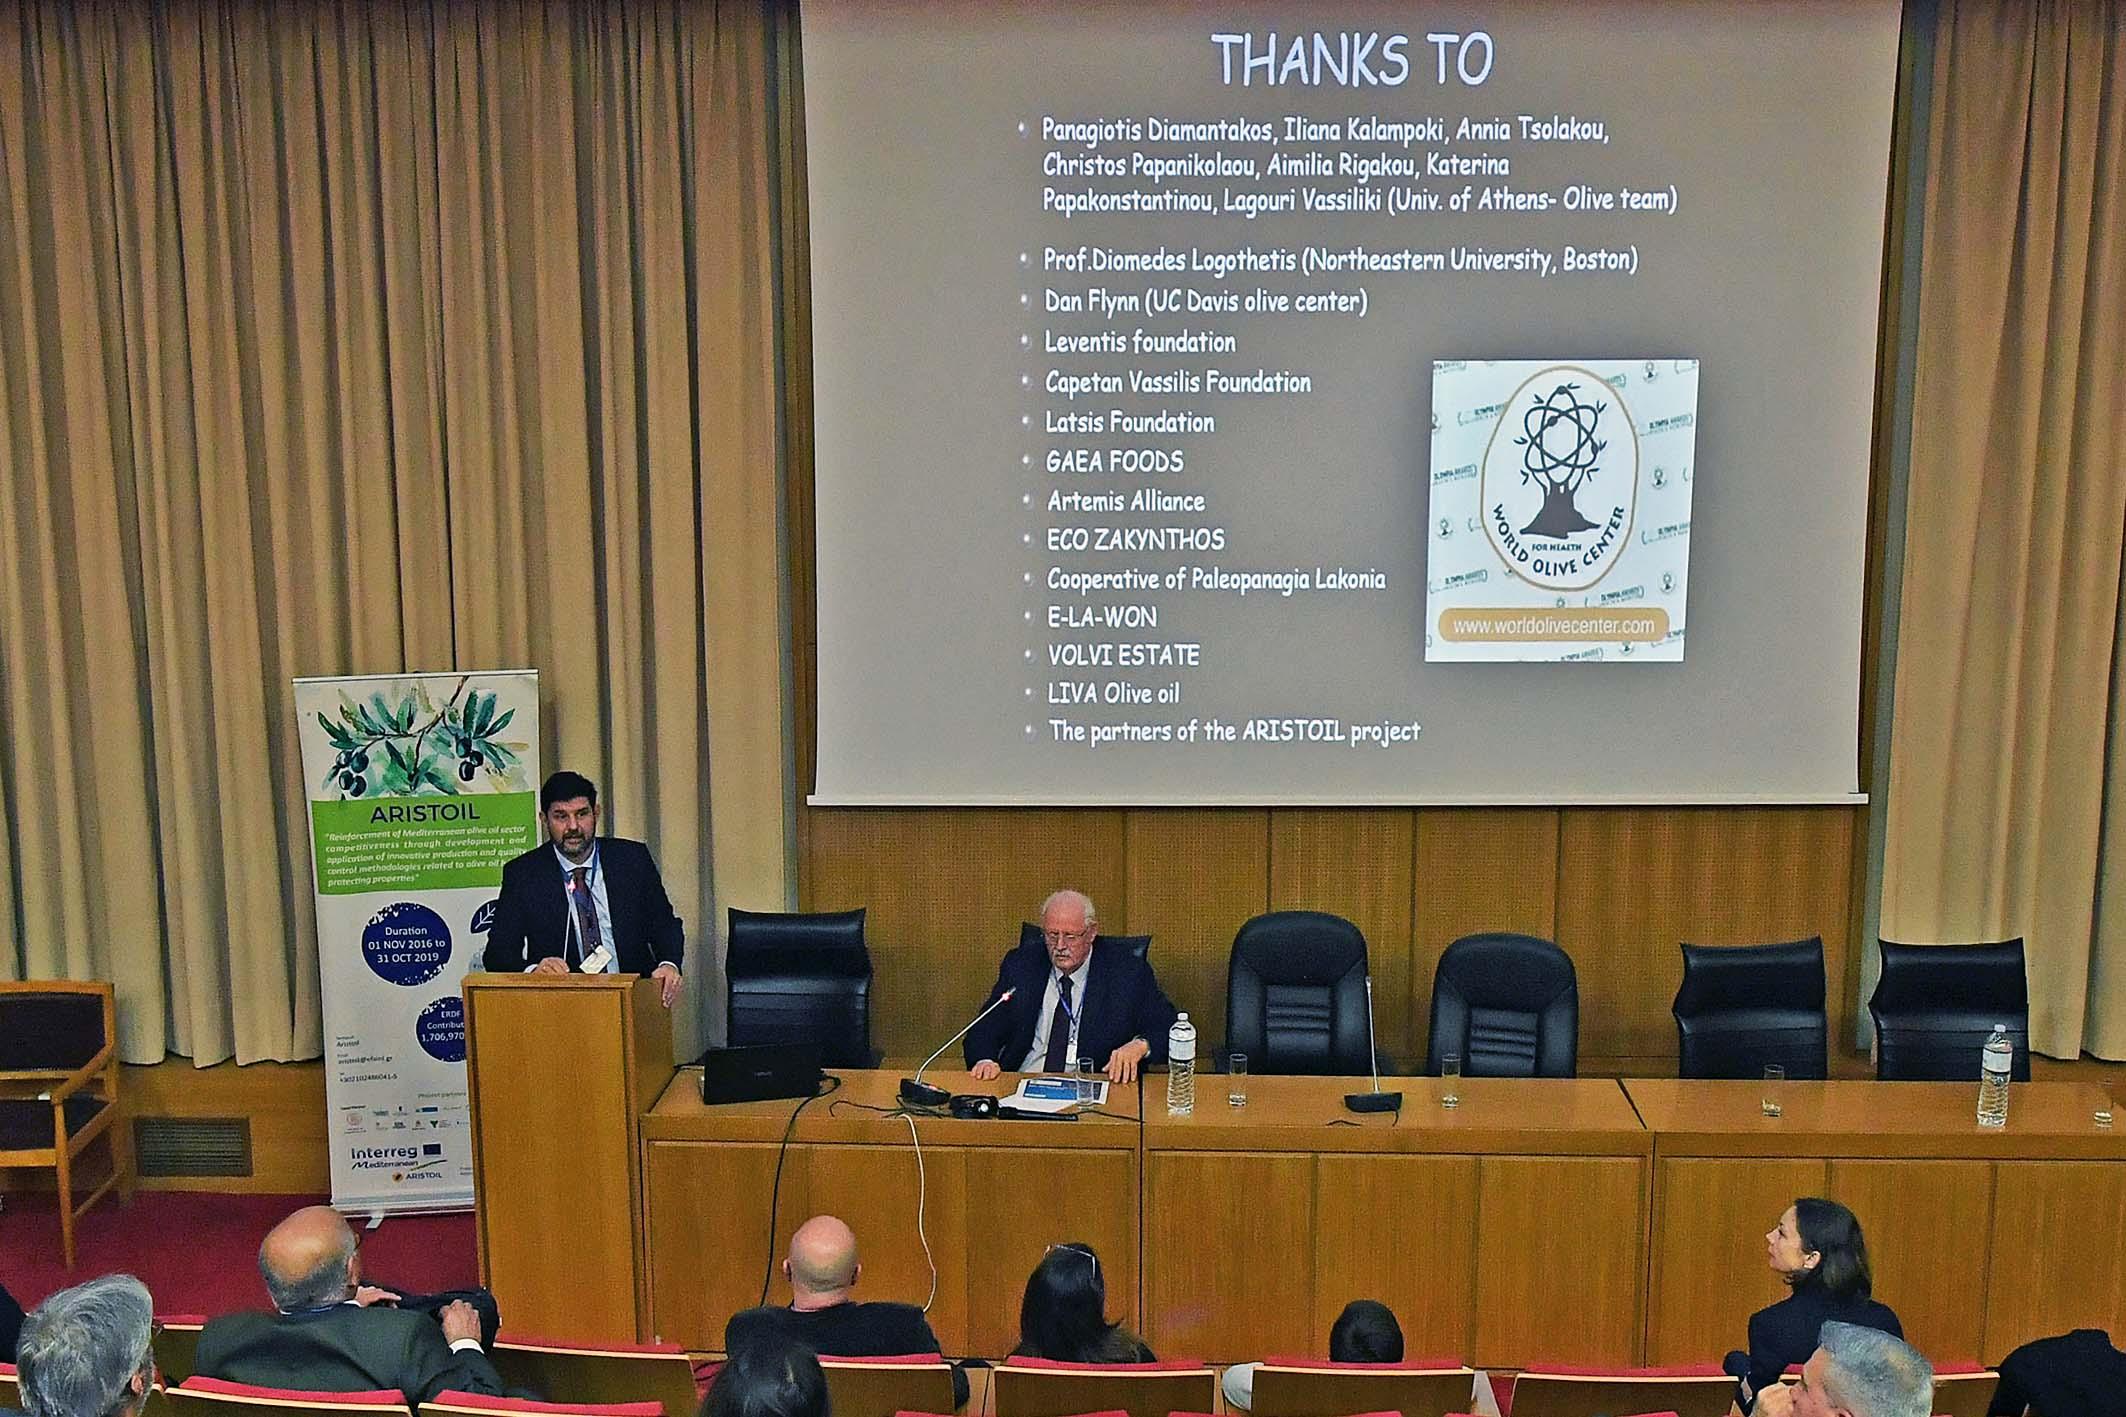 Διεθνές Συνέδριο στο πλαίσιο του ευρωπαϊκού προγράμματος INTERREG MED «ARISTOIL»